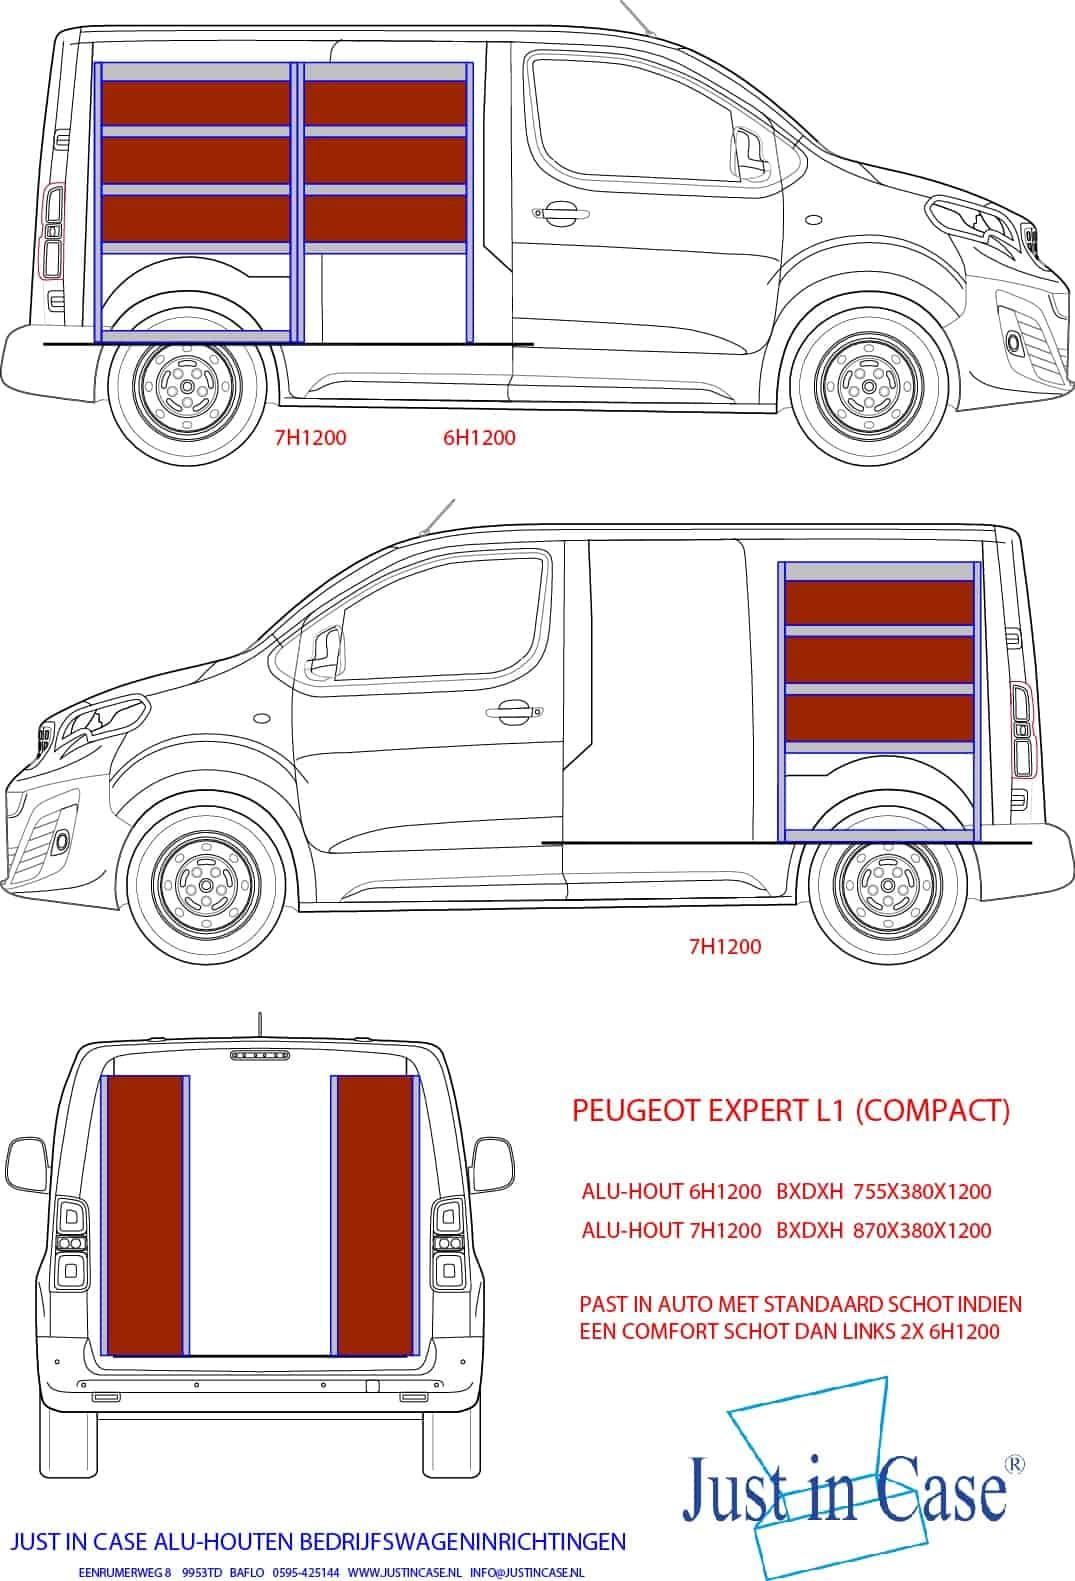 Peugeot Expert (L1) bedrijfswageninrichting schets